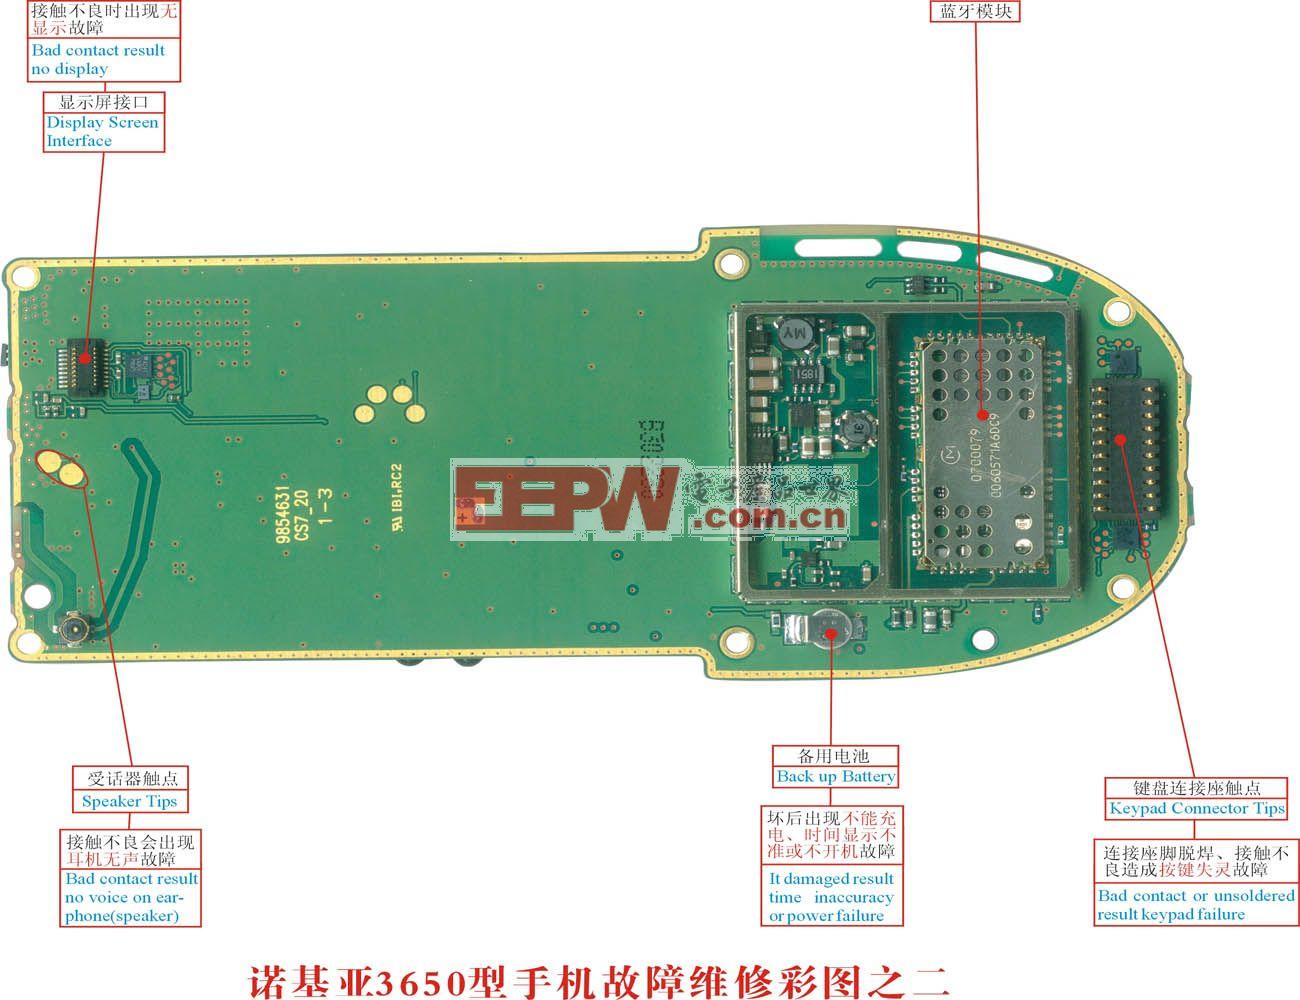 诺基亚3650手机故障维修实物彩图(2)